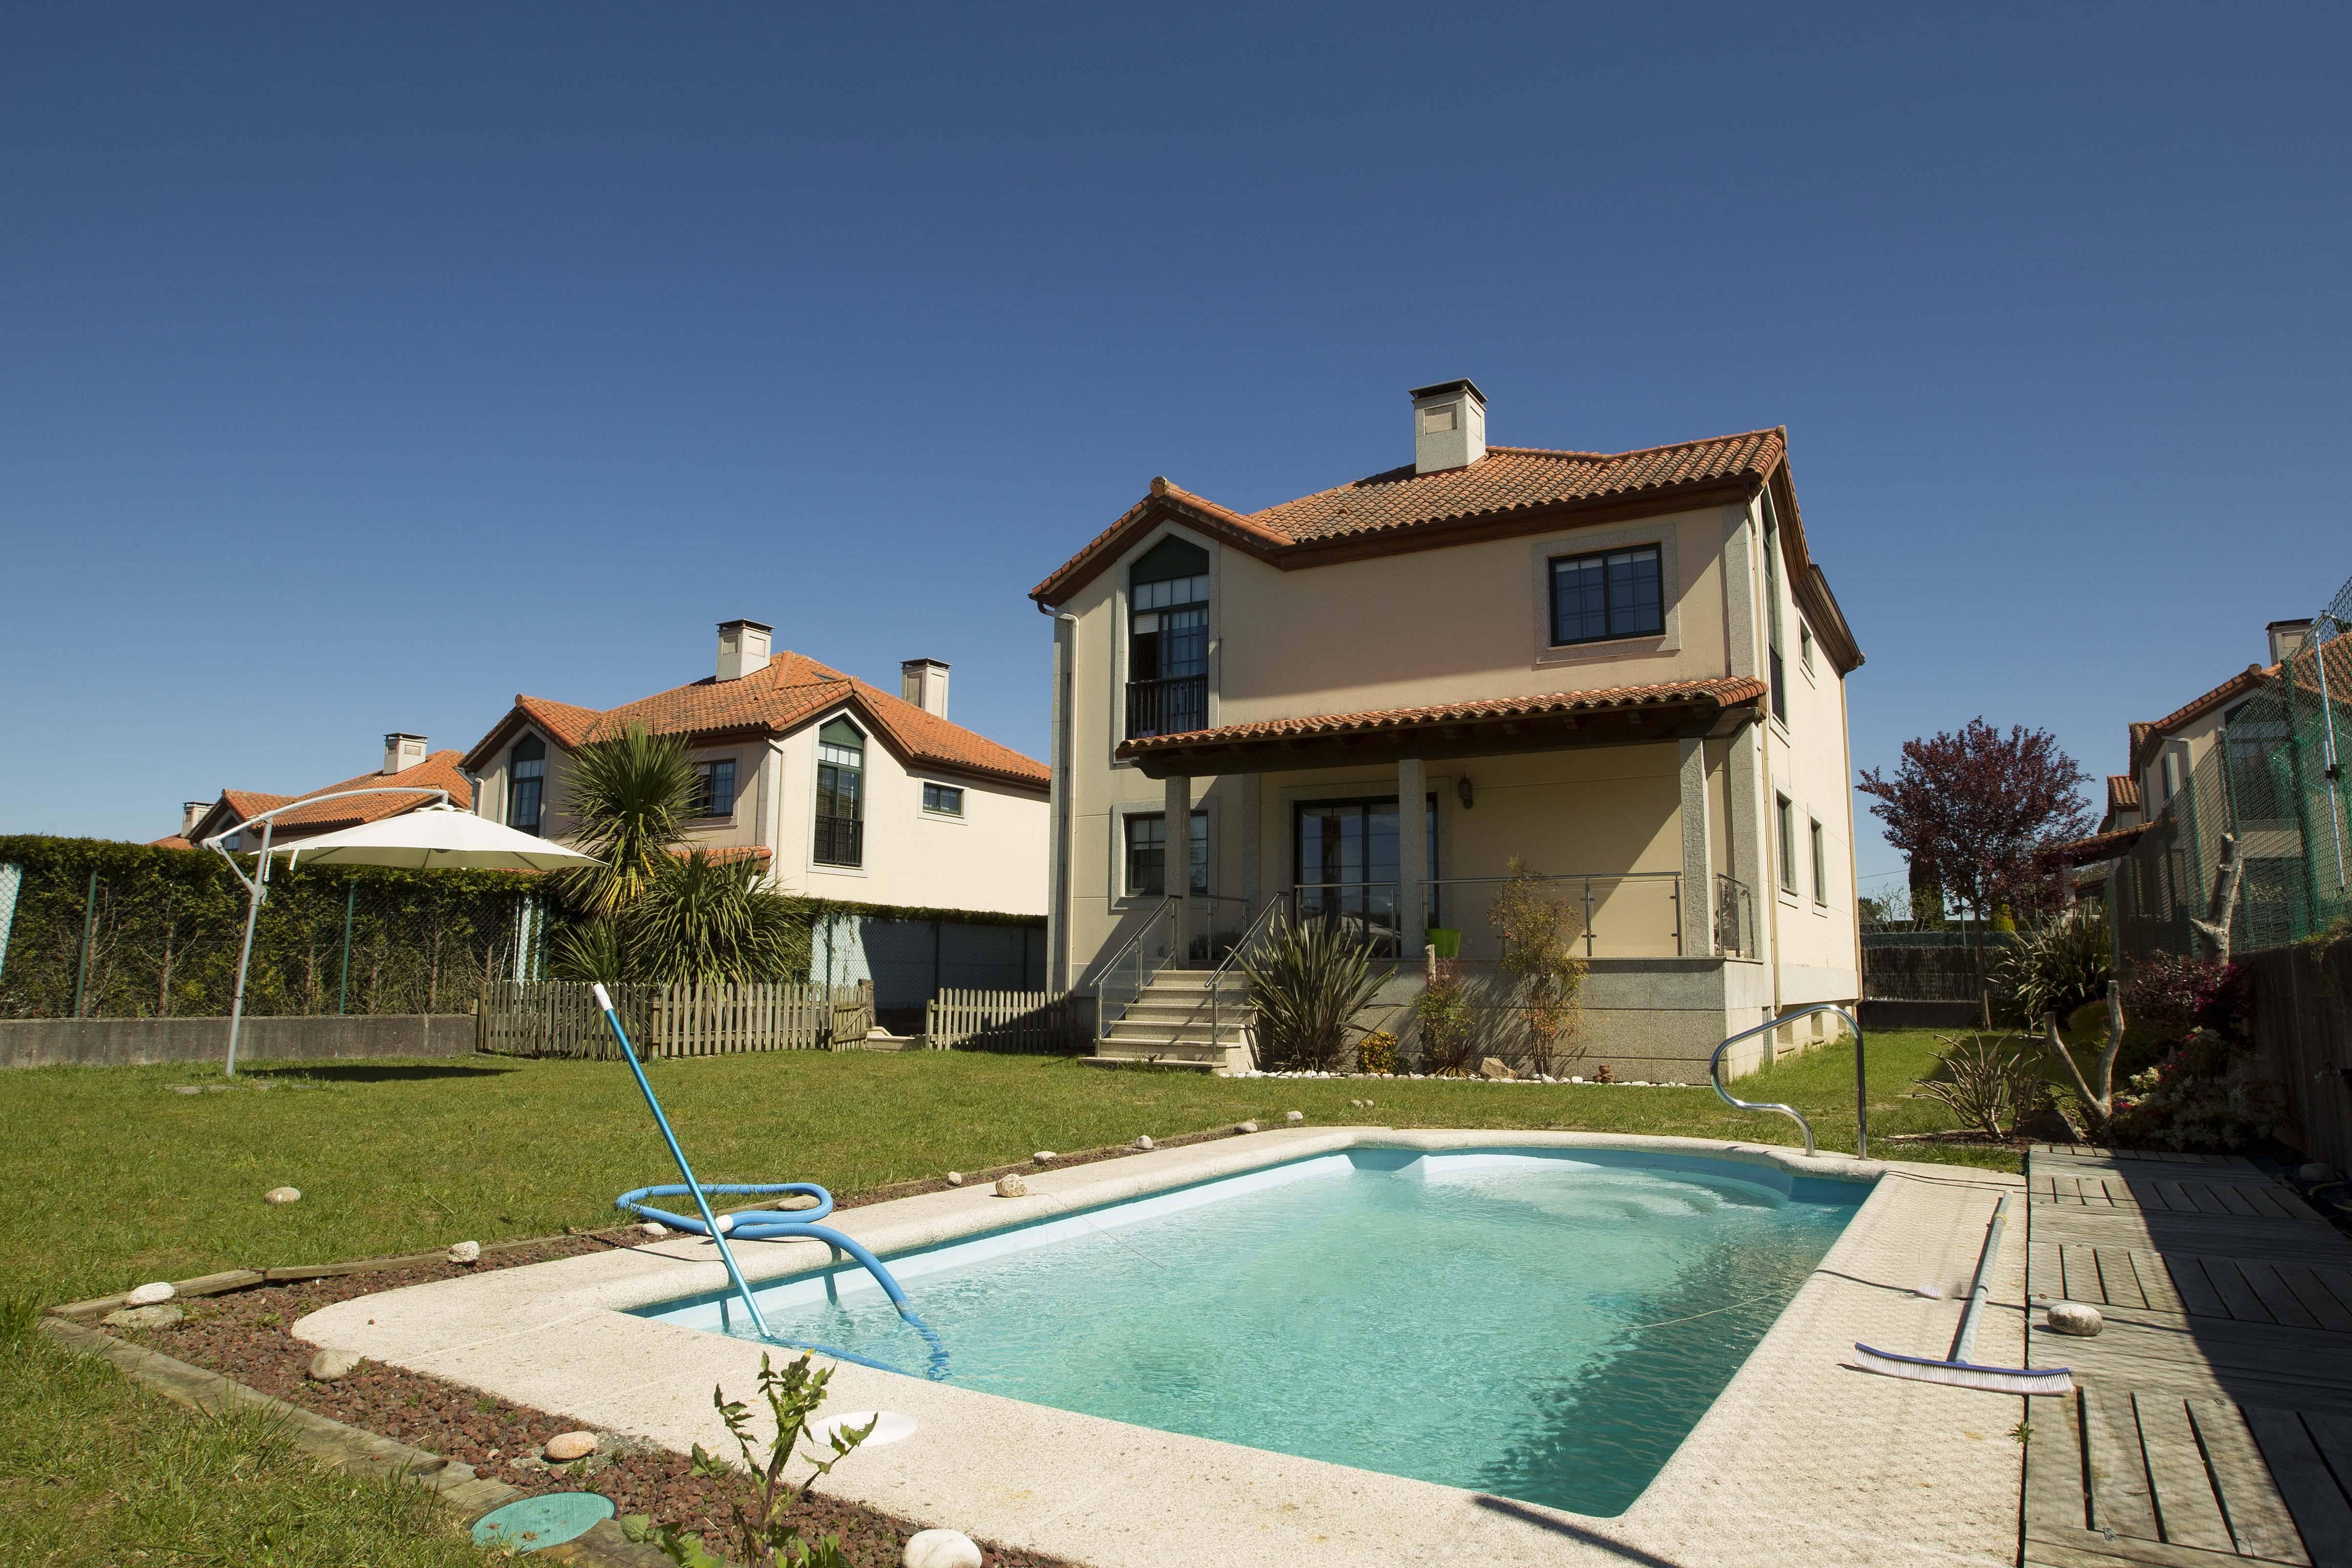 Casas de vacaciones en Bergondo - A Coruña/La Coruña. Chalets, casas ...